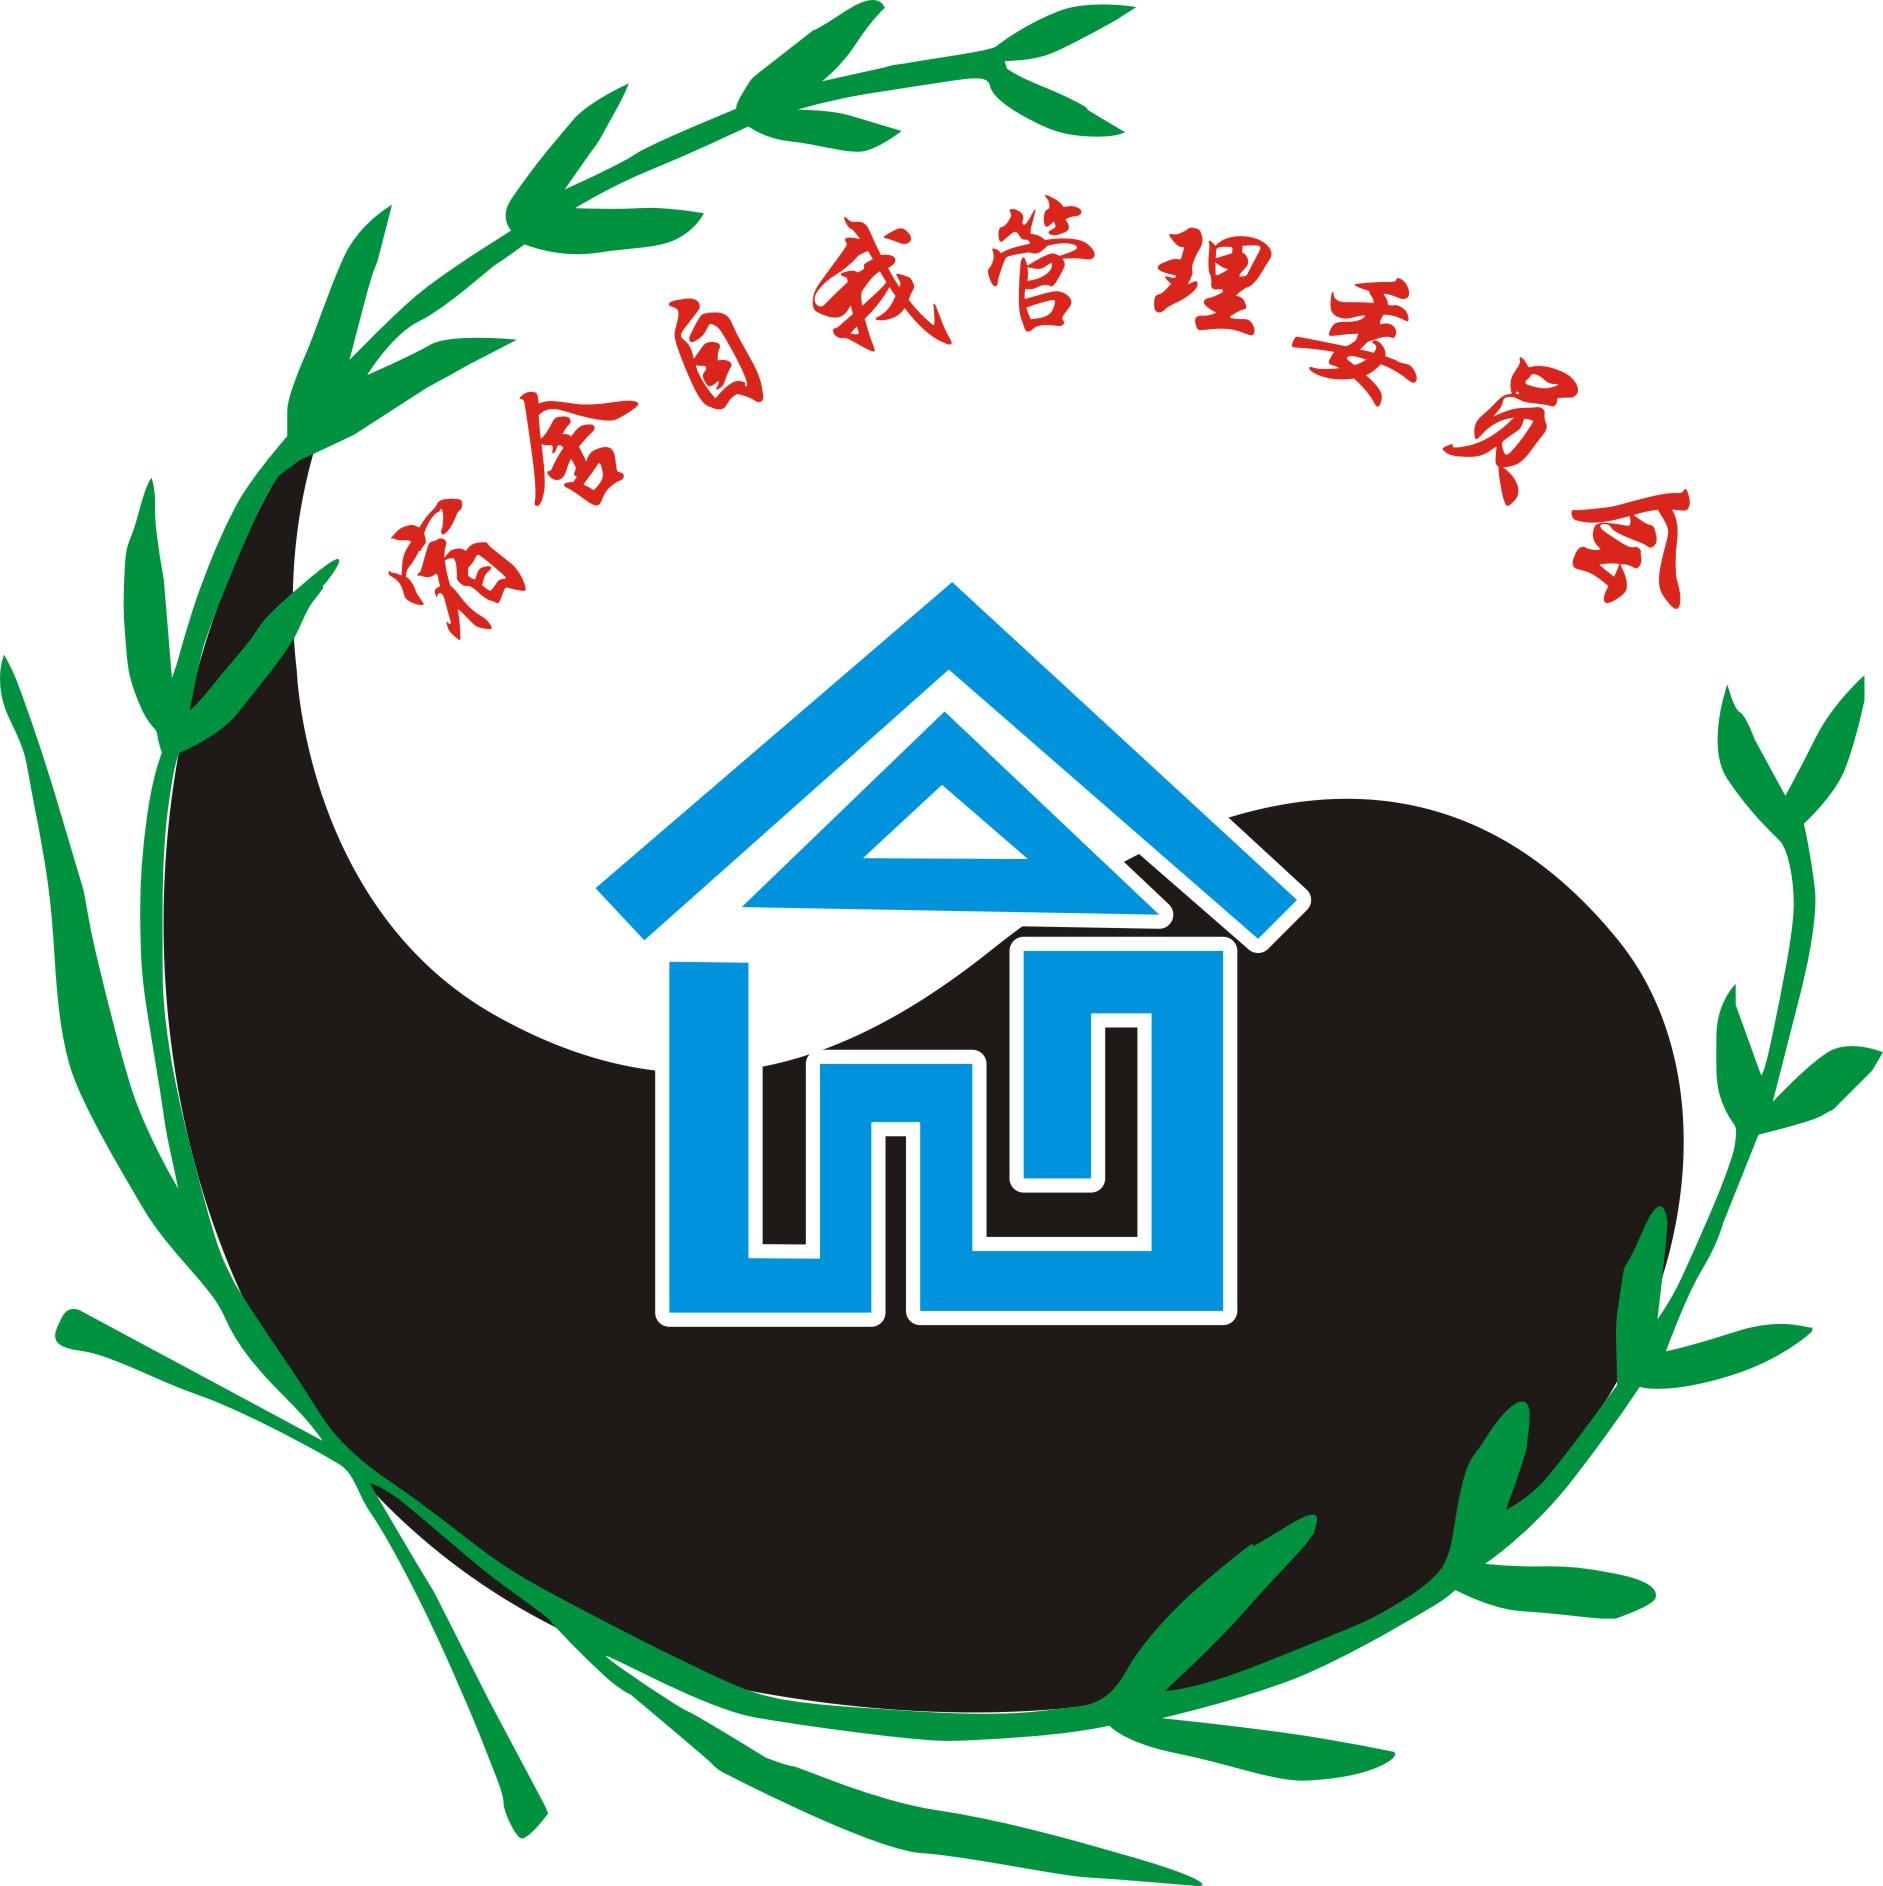 logo logo 标志 设计 矢量 矢量图 素材 图标 1883_1886图片